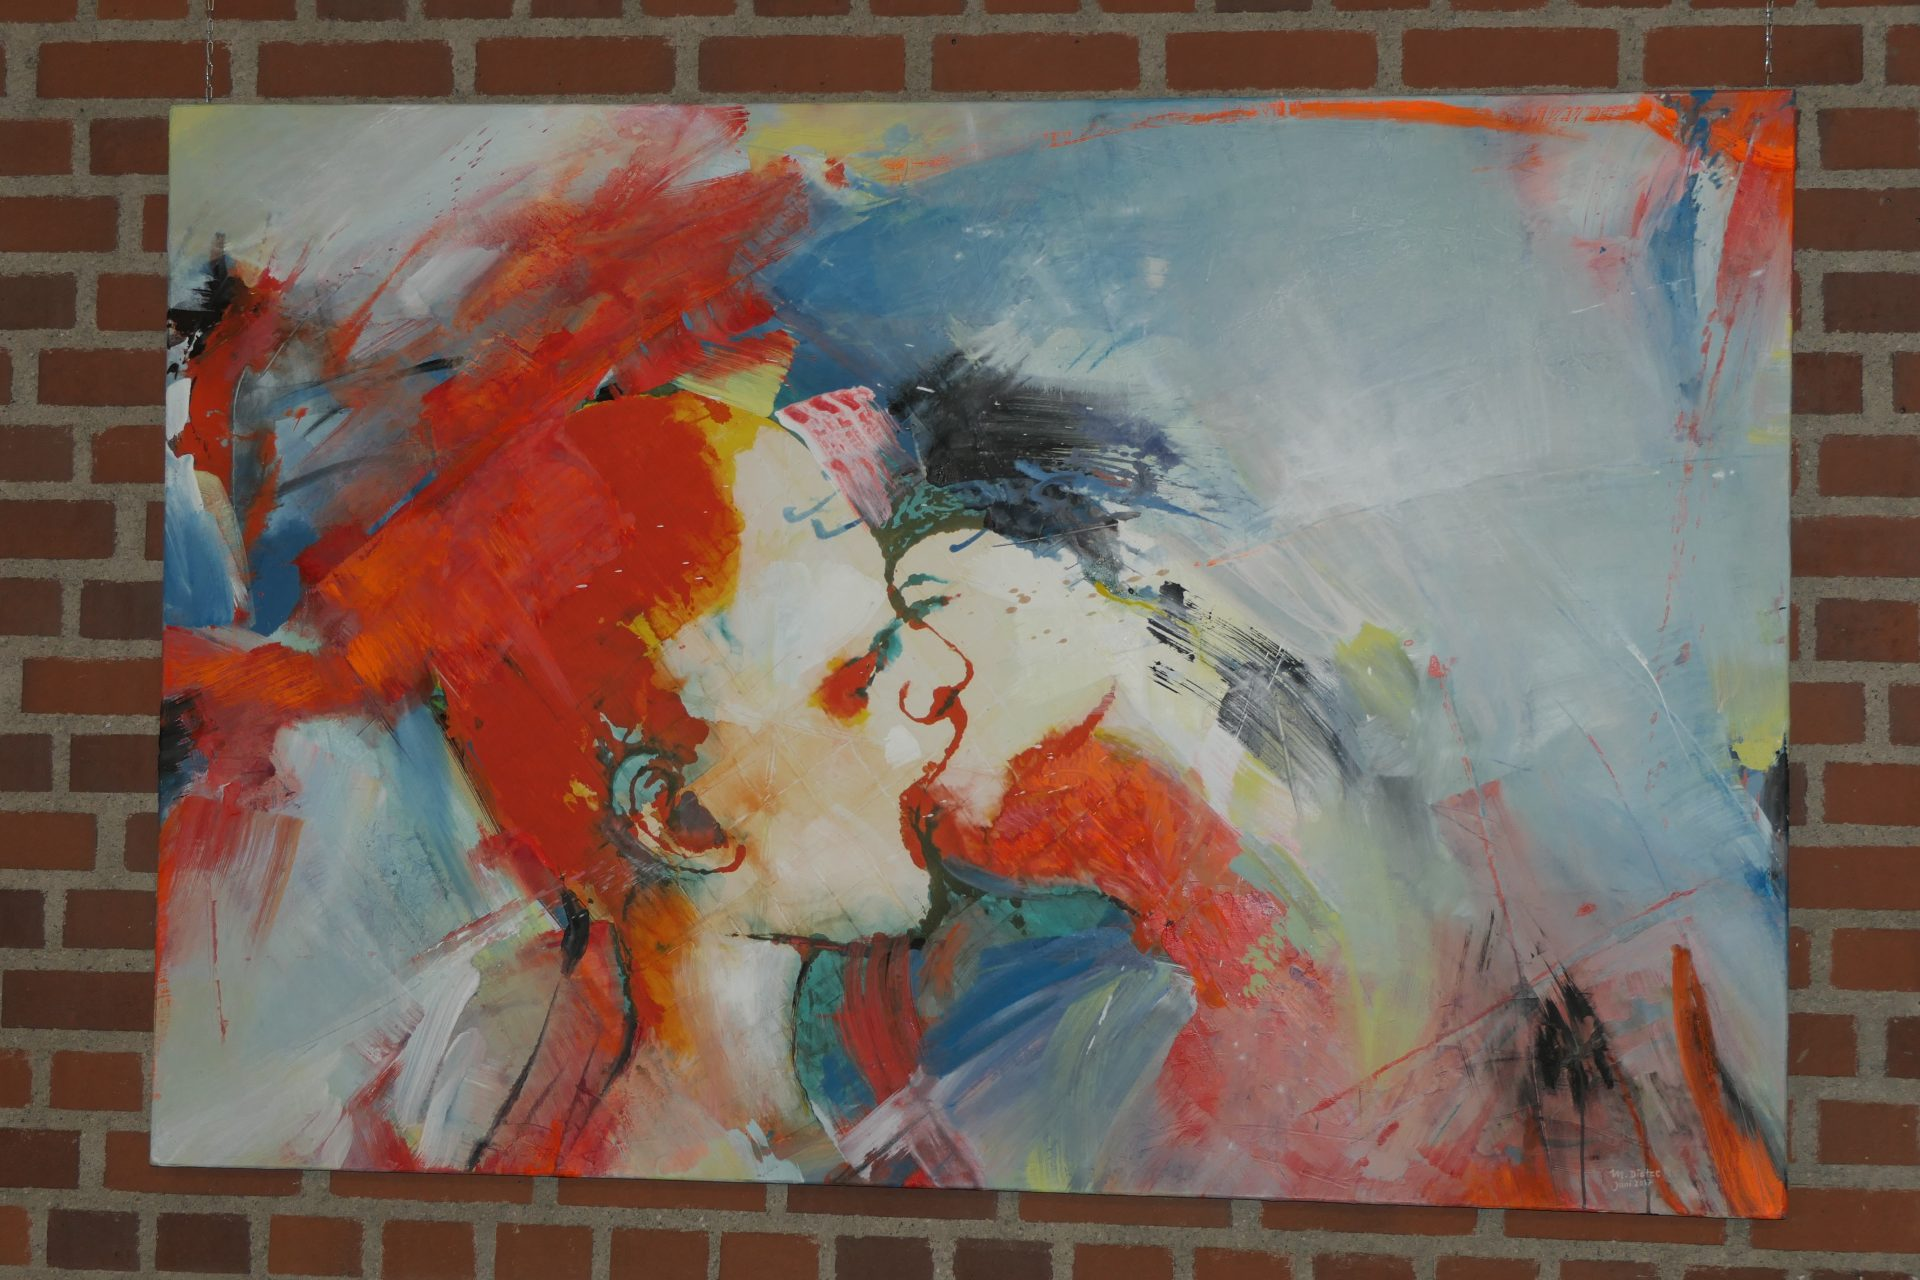 Der Kuss von Mathias Dietze, Acryl auf Leinwand